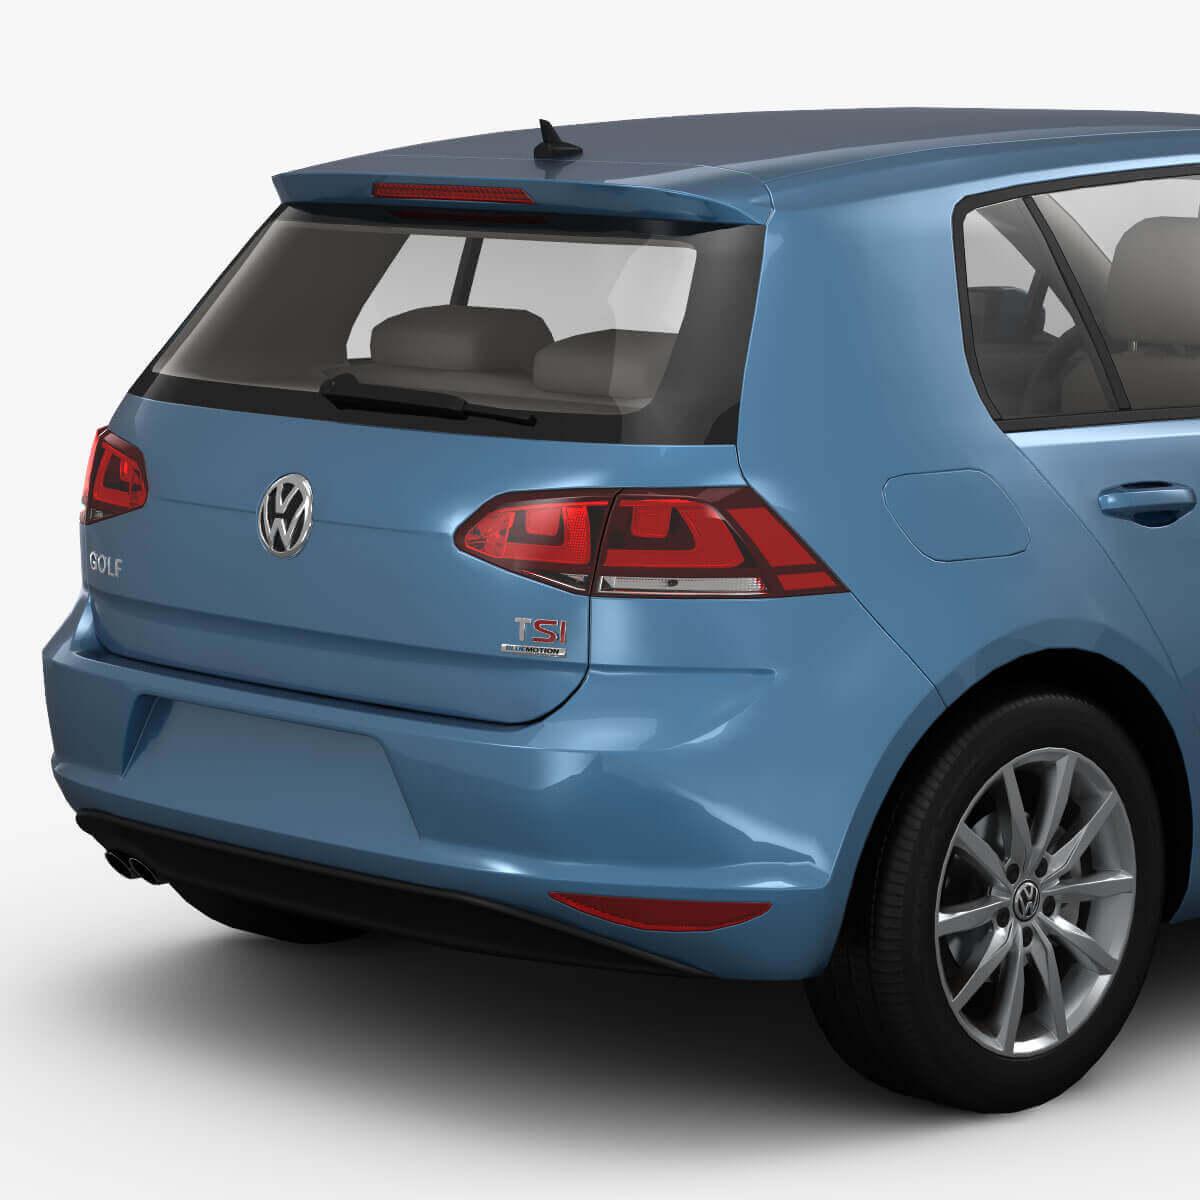 2019 Volkswagen Golf Gti 5 Door: 2013 Volkswagen Golf 7 5-Door 3D Model